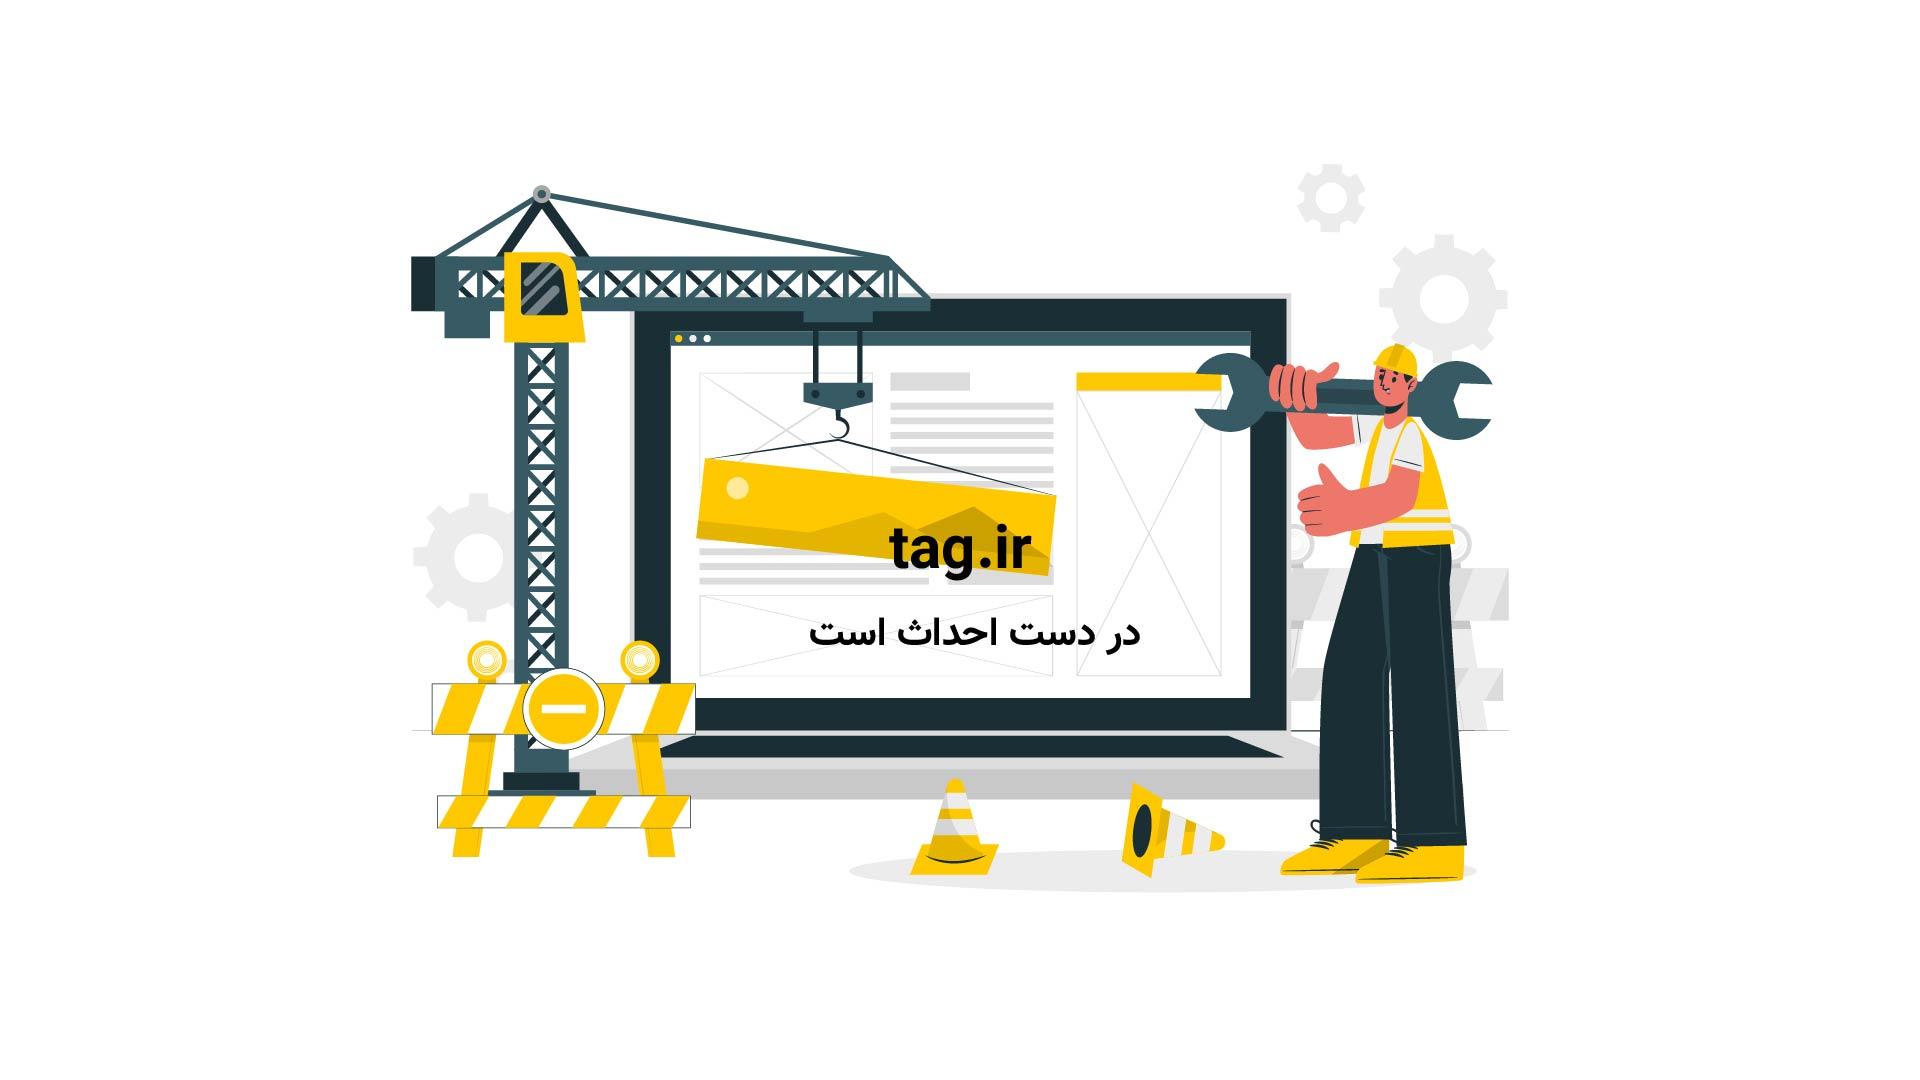 تزیین درخت کریسمس به روش فوتبالی | فیلم